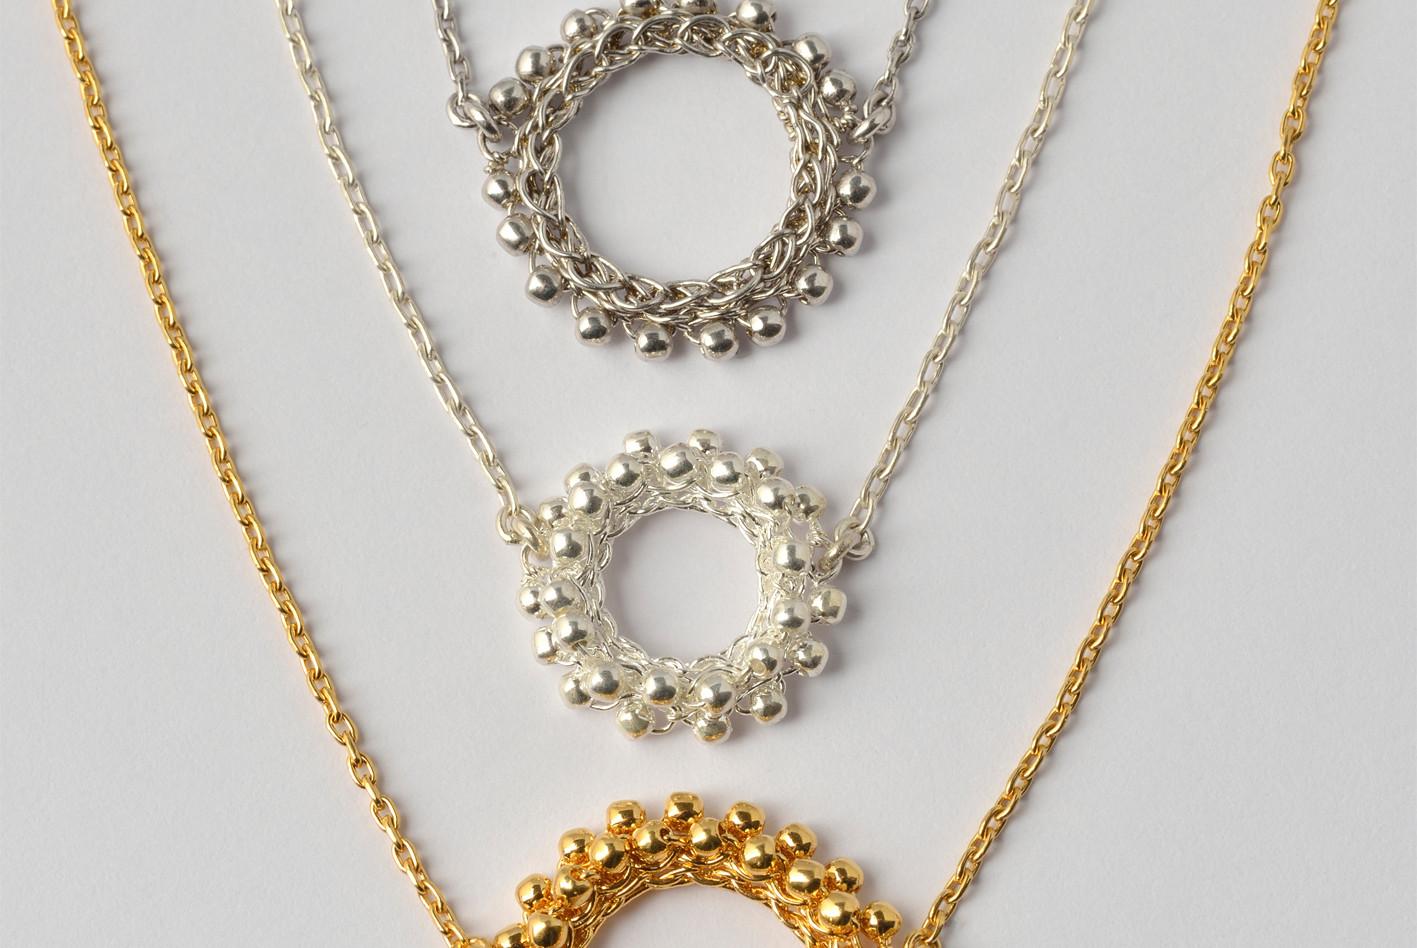 Ketten mit Mittelteil Doppelperlchen und Rahmen, rhodiniert, Silber, feinvergoldet